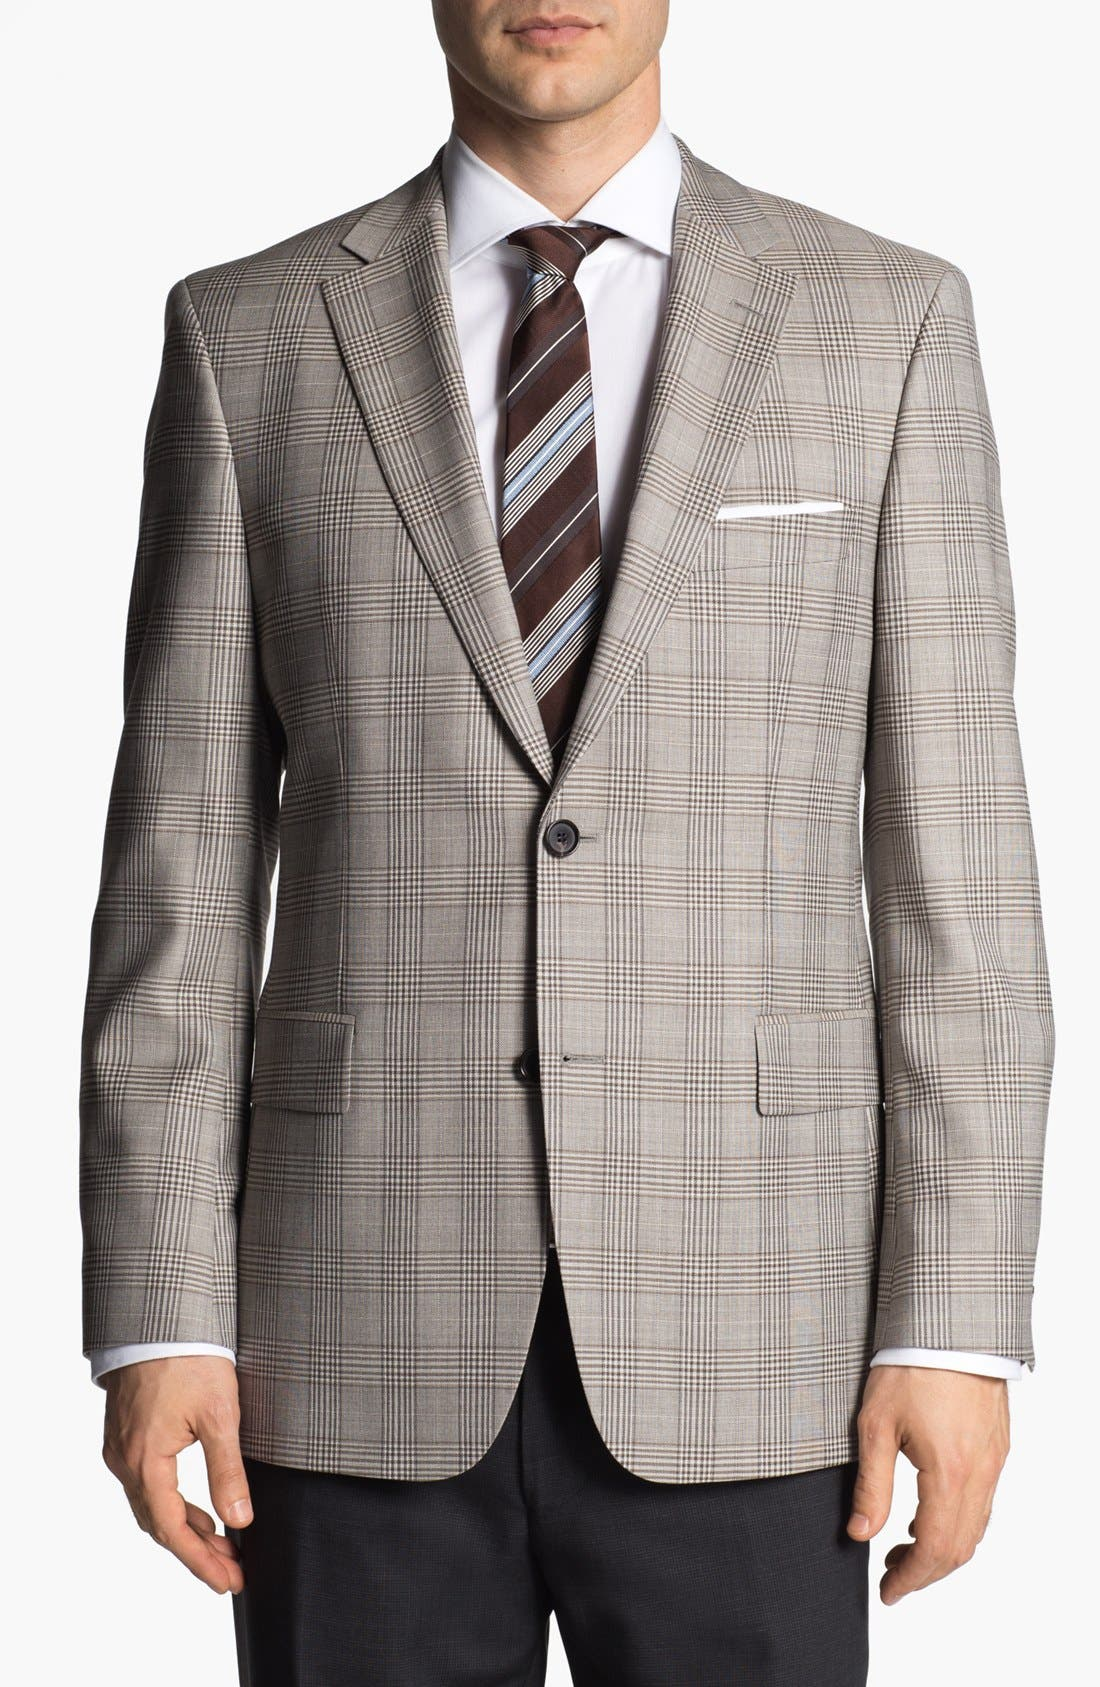 Alternate Image 1 Selected - BOSS HUGO BOSS 'Pasini' Glen Plaid Sportcoat